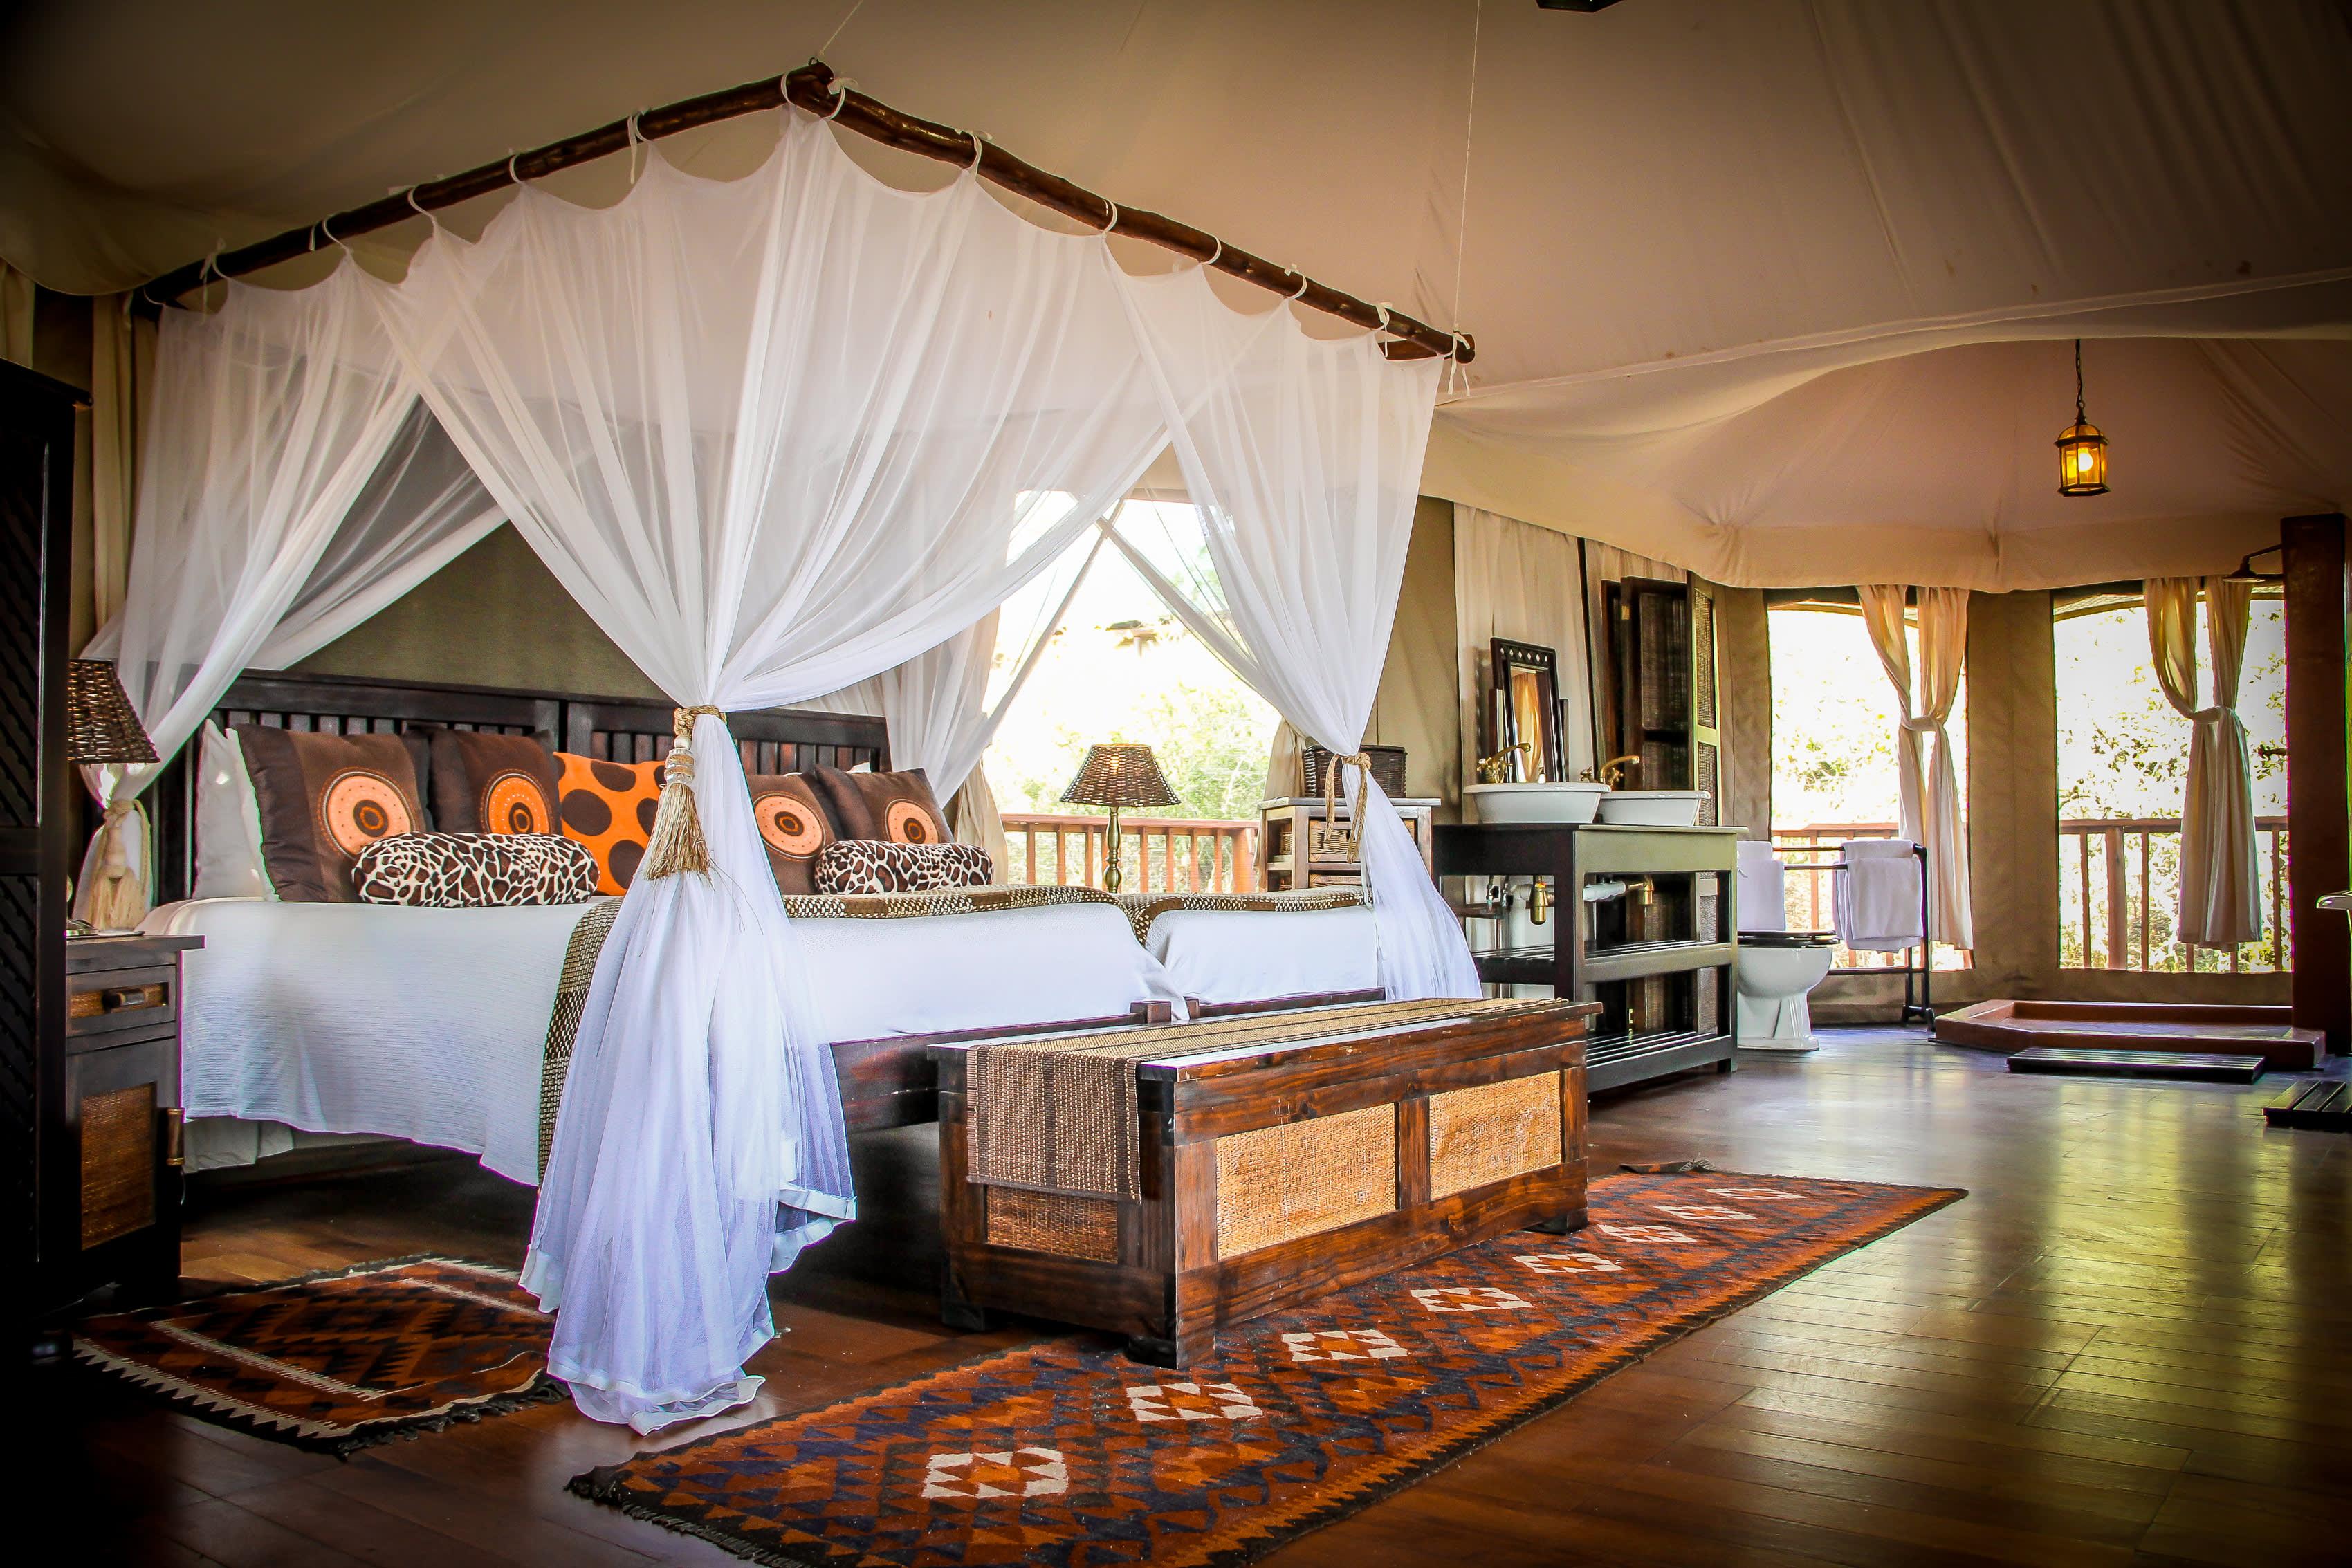 Zimmerausstattung eines Camps in Afrika